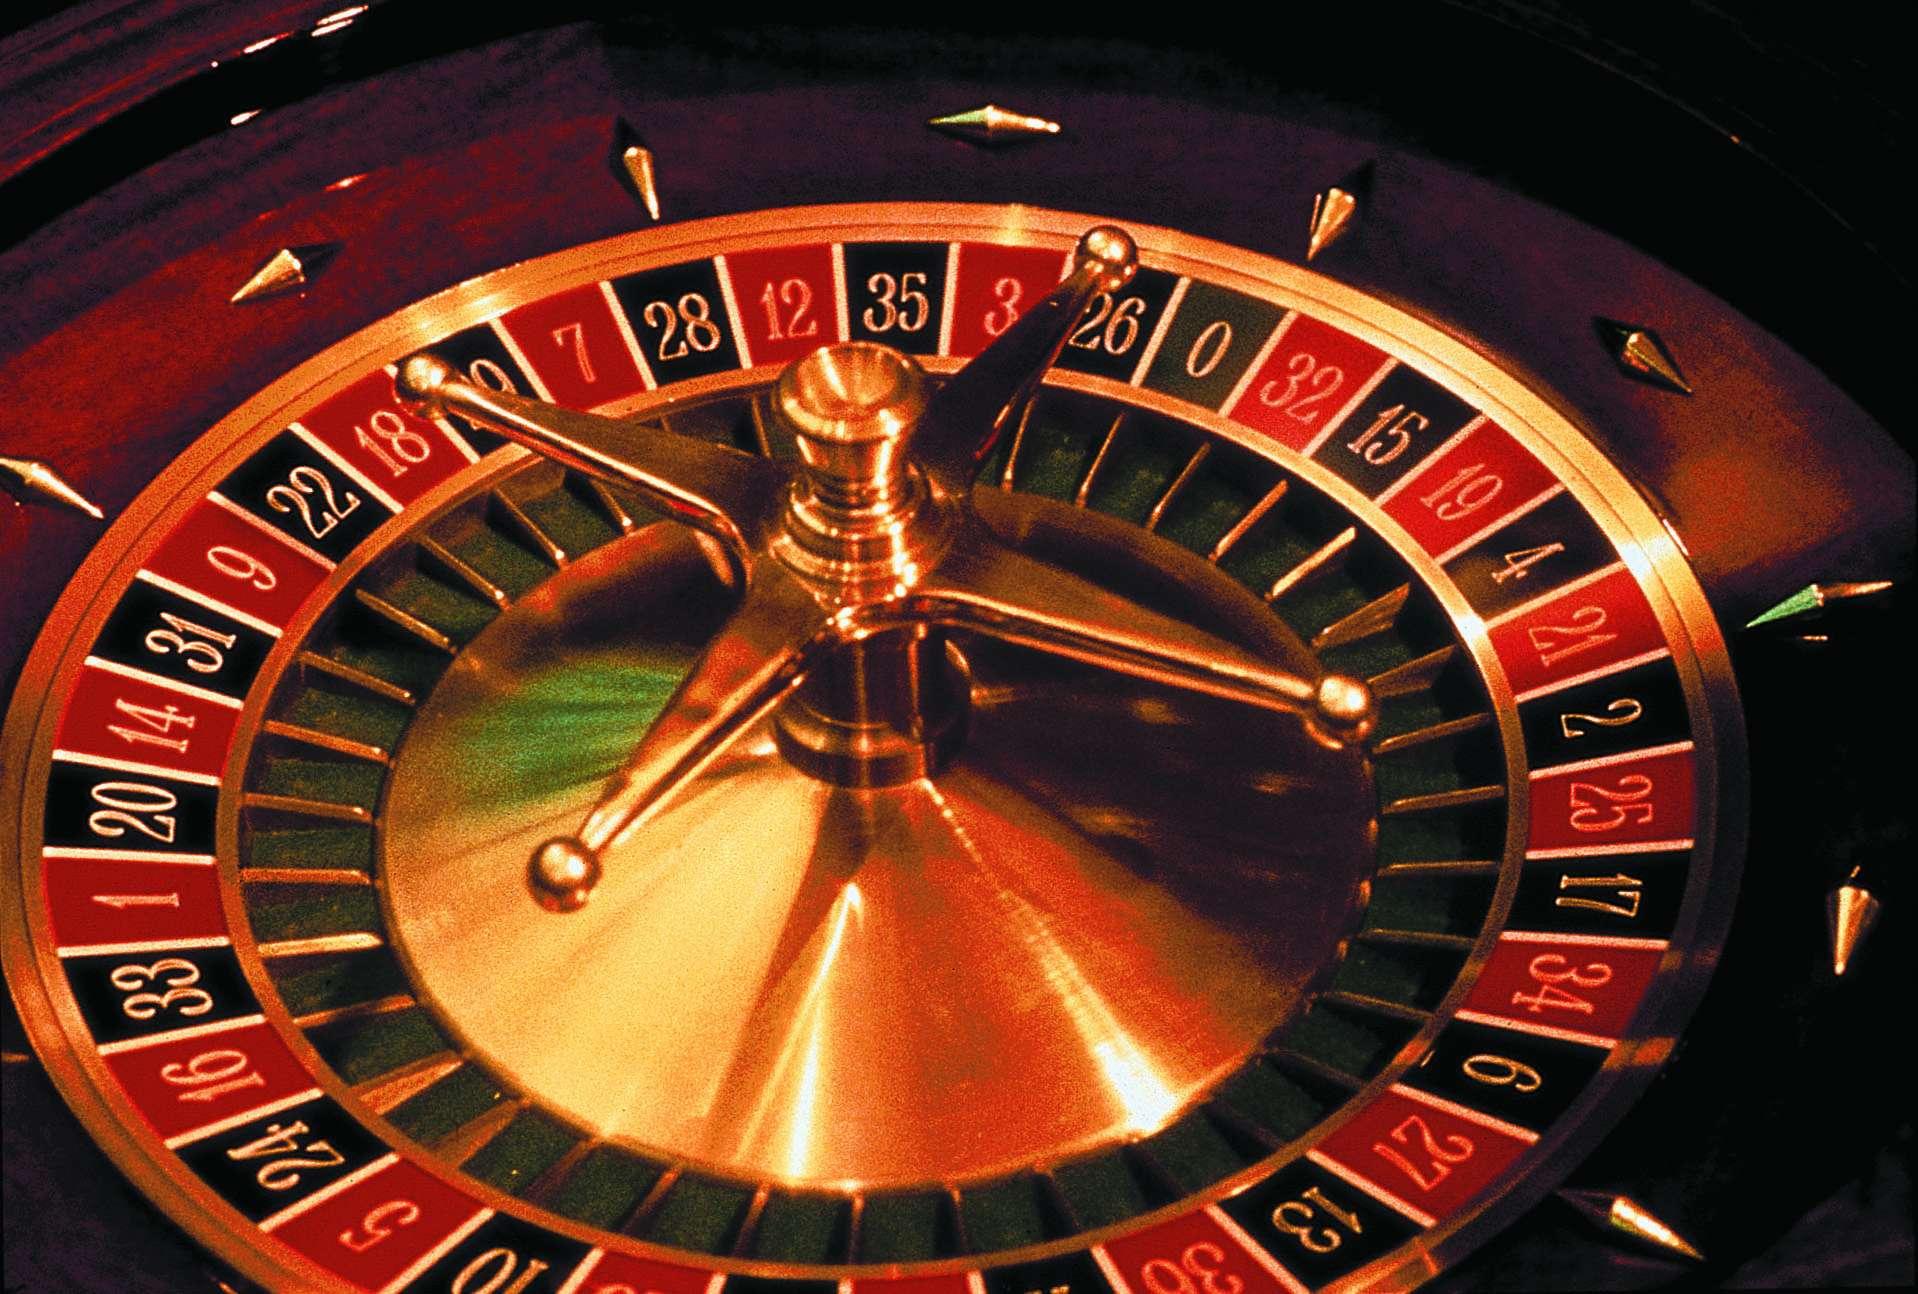 Le plaisir des jeux casino sur mobile